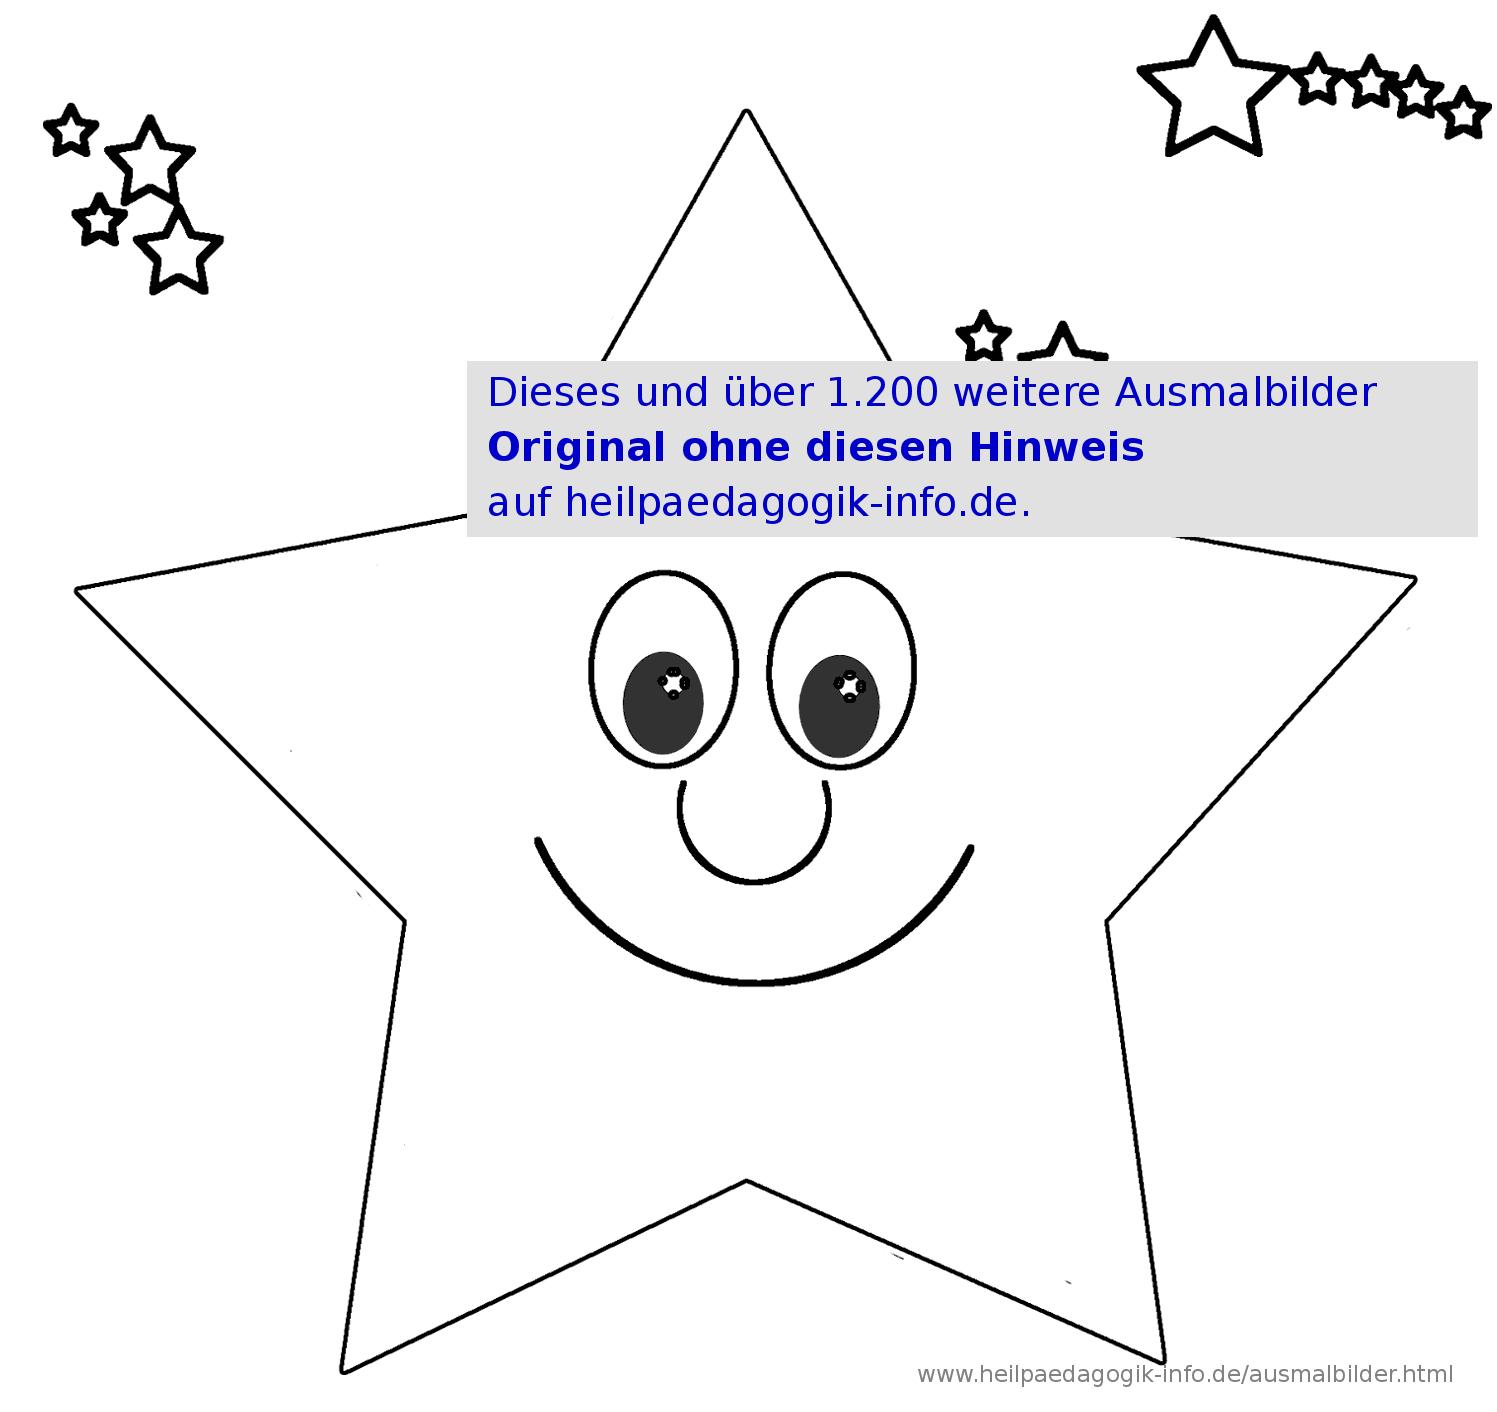 Ausmalbilder Sterne verwandt mit Malvorlage Stern Groß